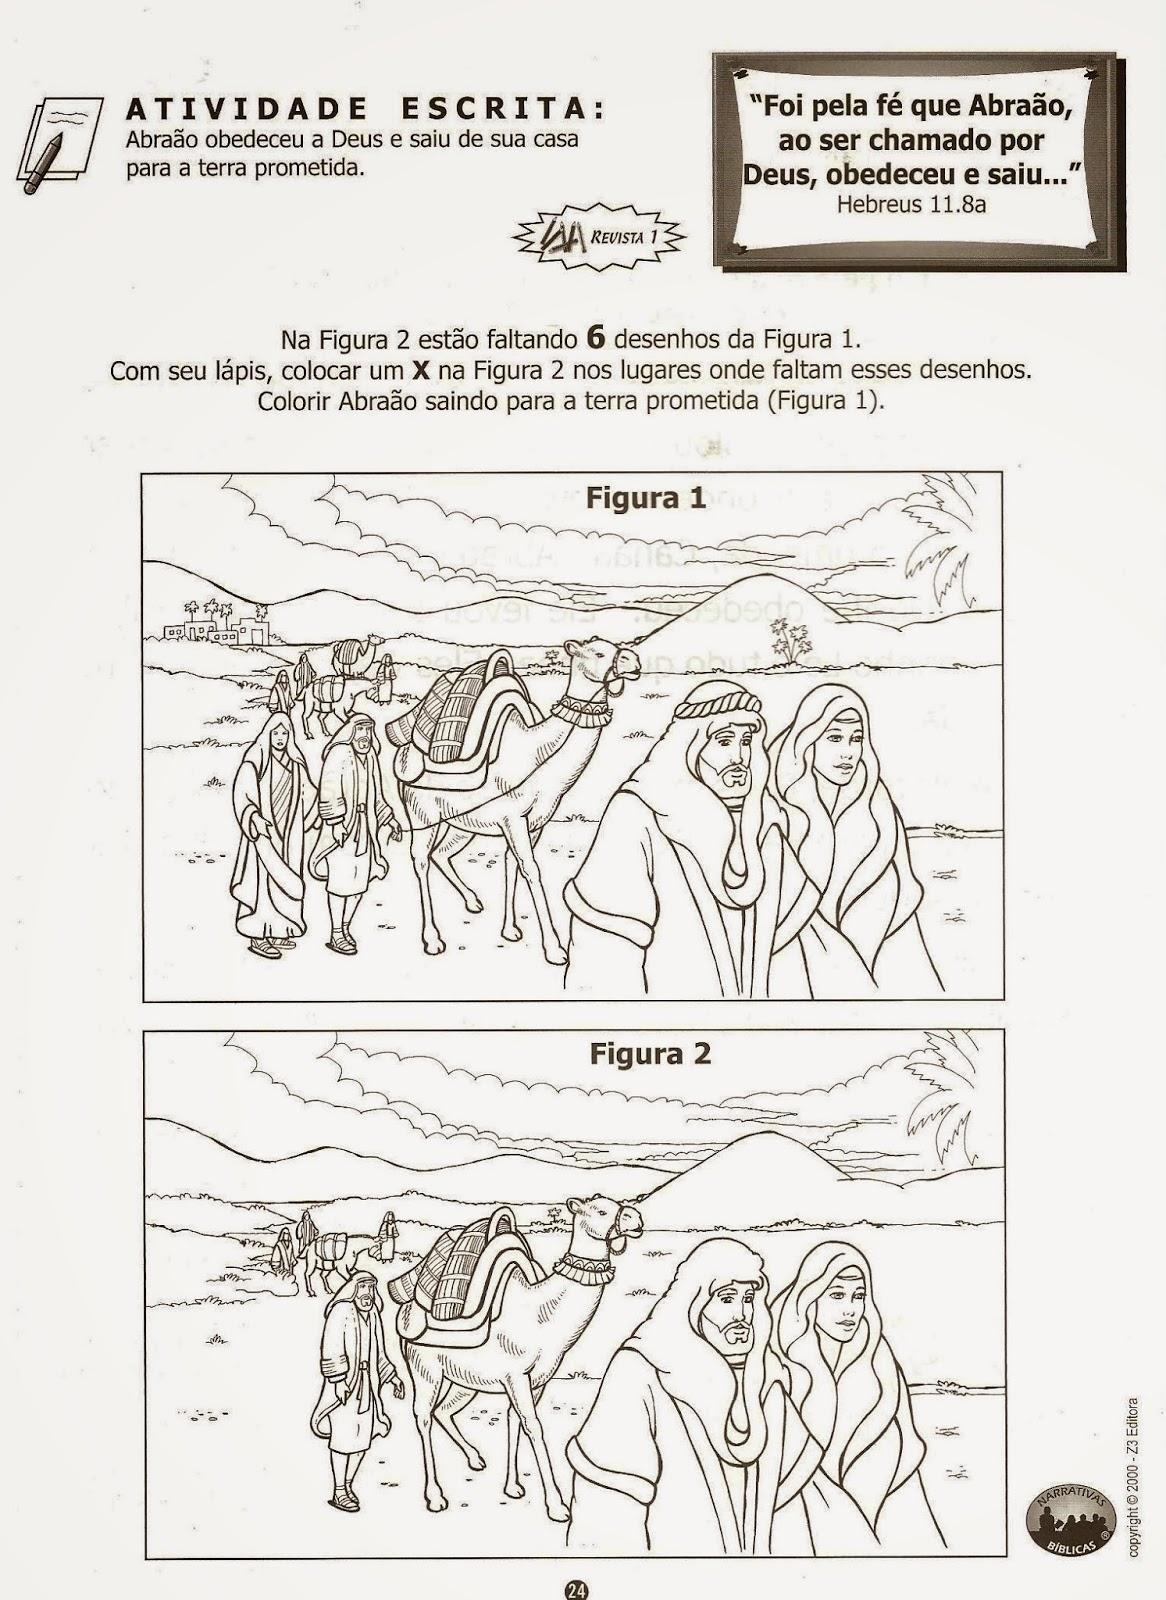 Atividade 6 erros - Abraão